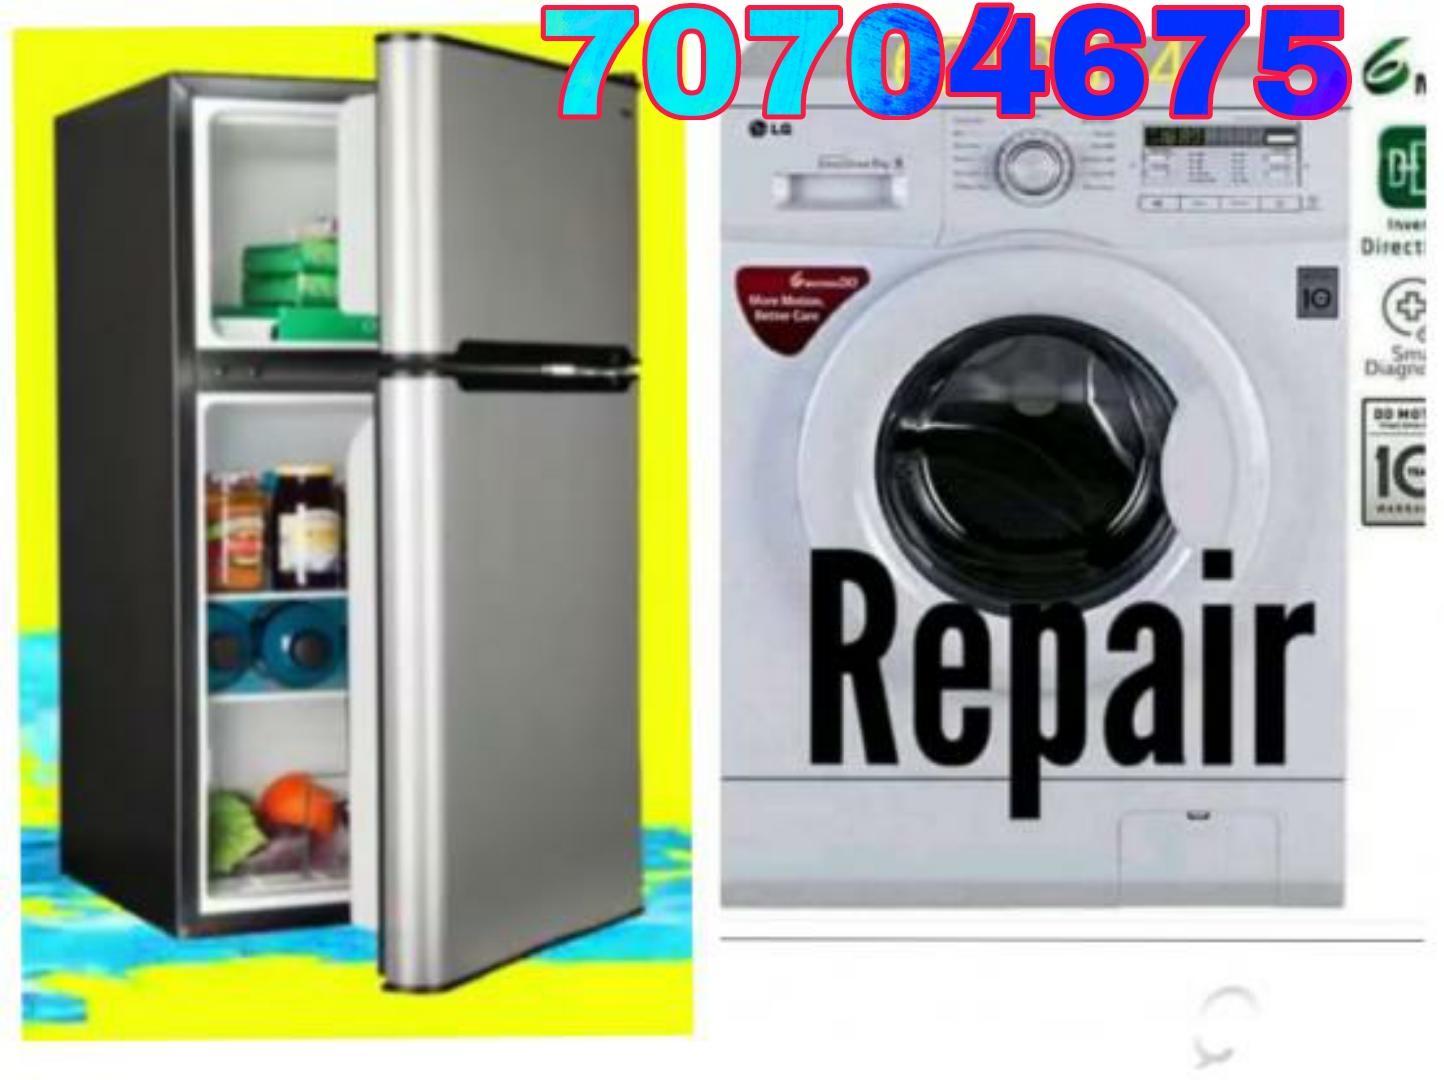 Fridge,,washing machine repair/call.70704675